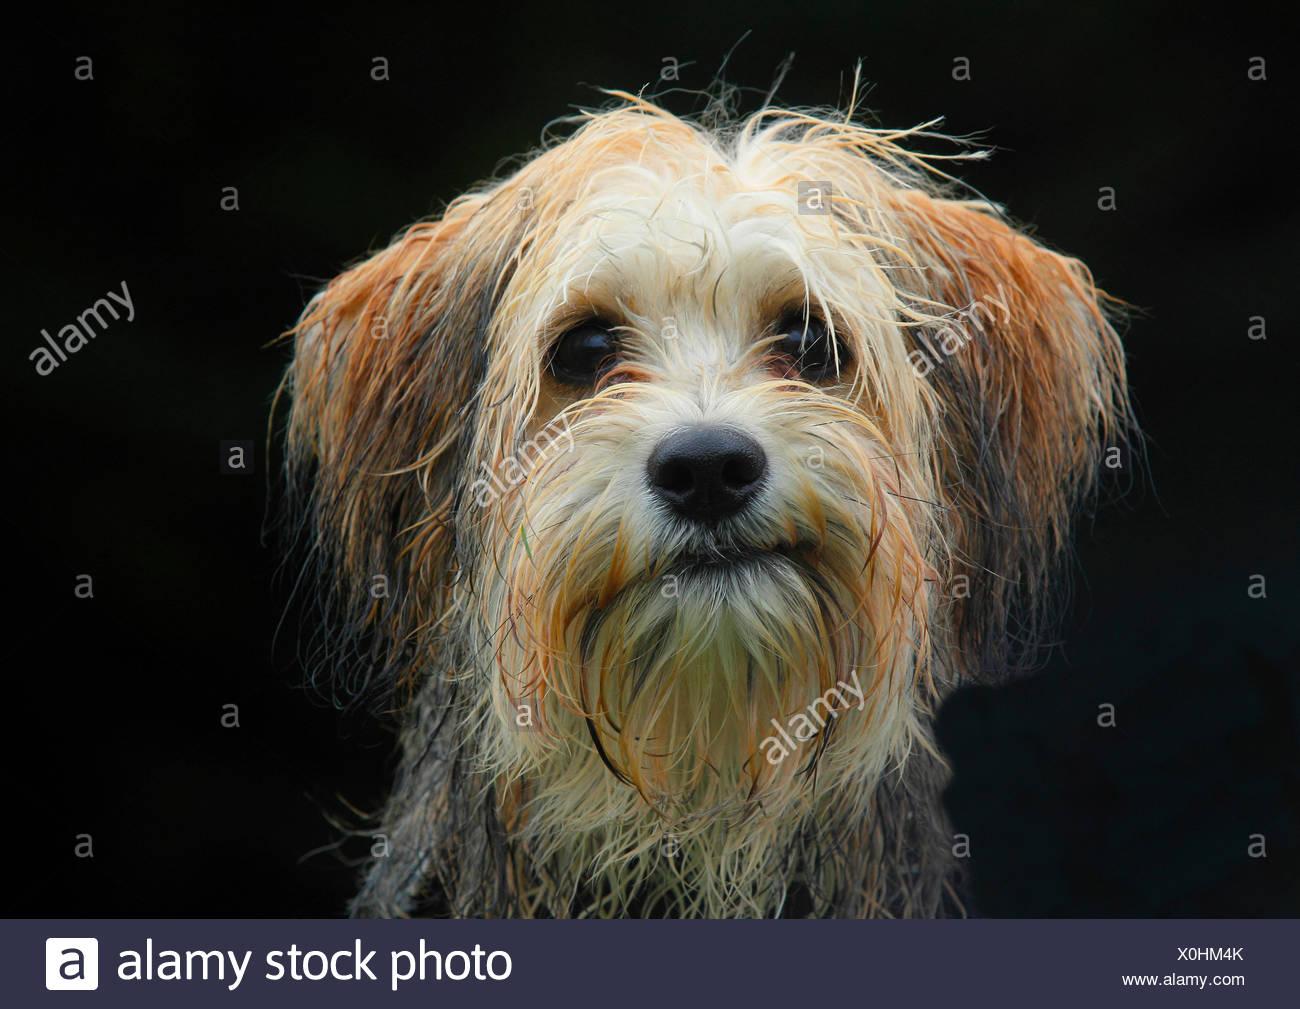 Rasse Hund (Canis Lupus F. Familiaris) gemischt, züchten fünf Monate alte männliche Malteser Chihuahua gemischt Hund, Portrait mit schwarzem Hintergrund, Deutschland Stockbild